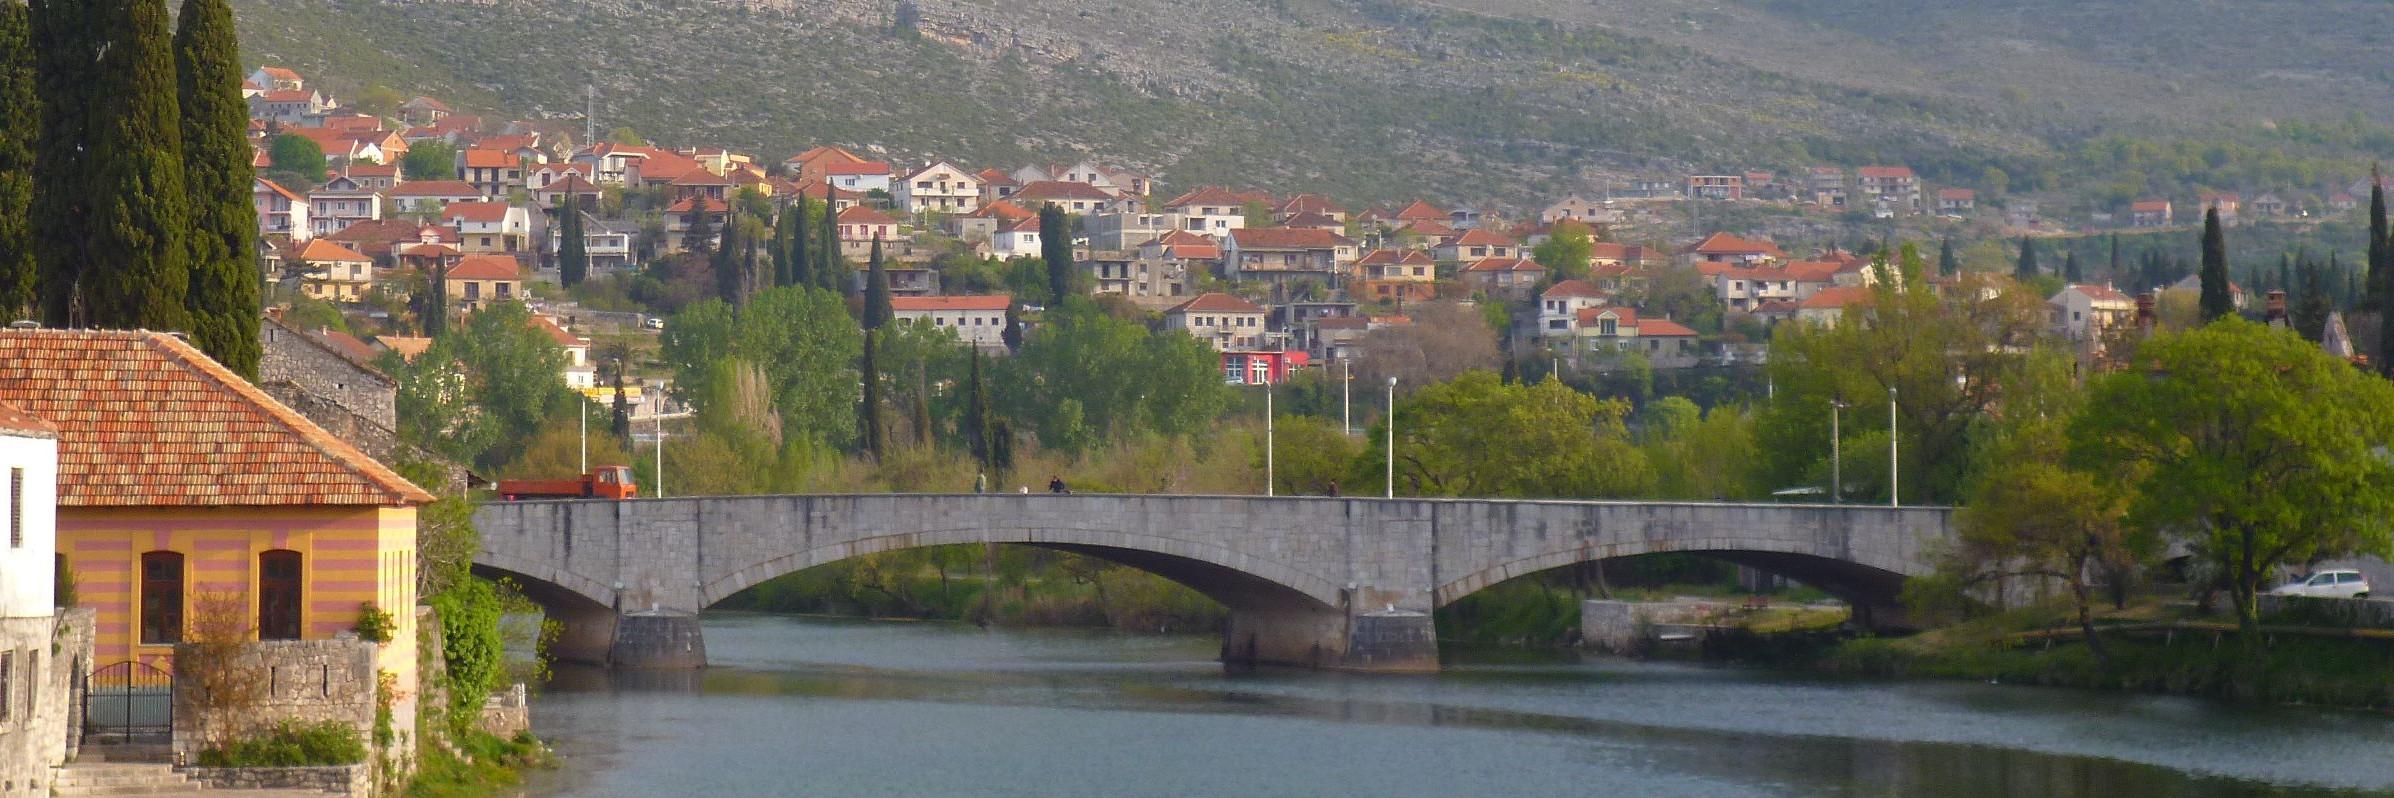 Каменный мост в Требине